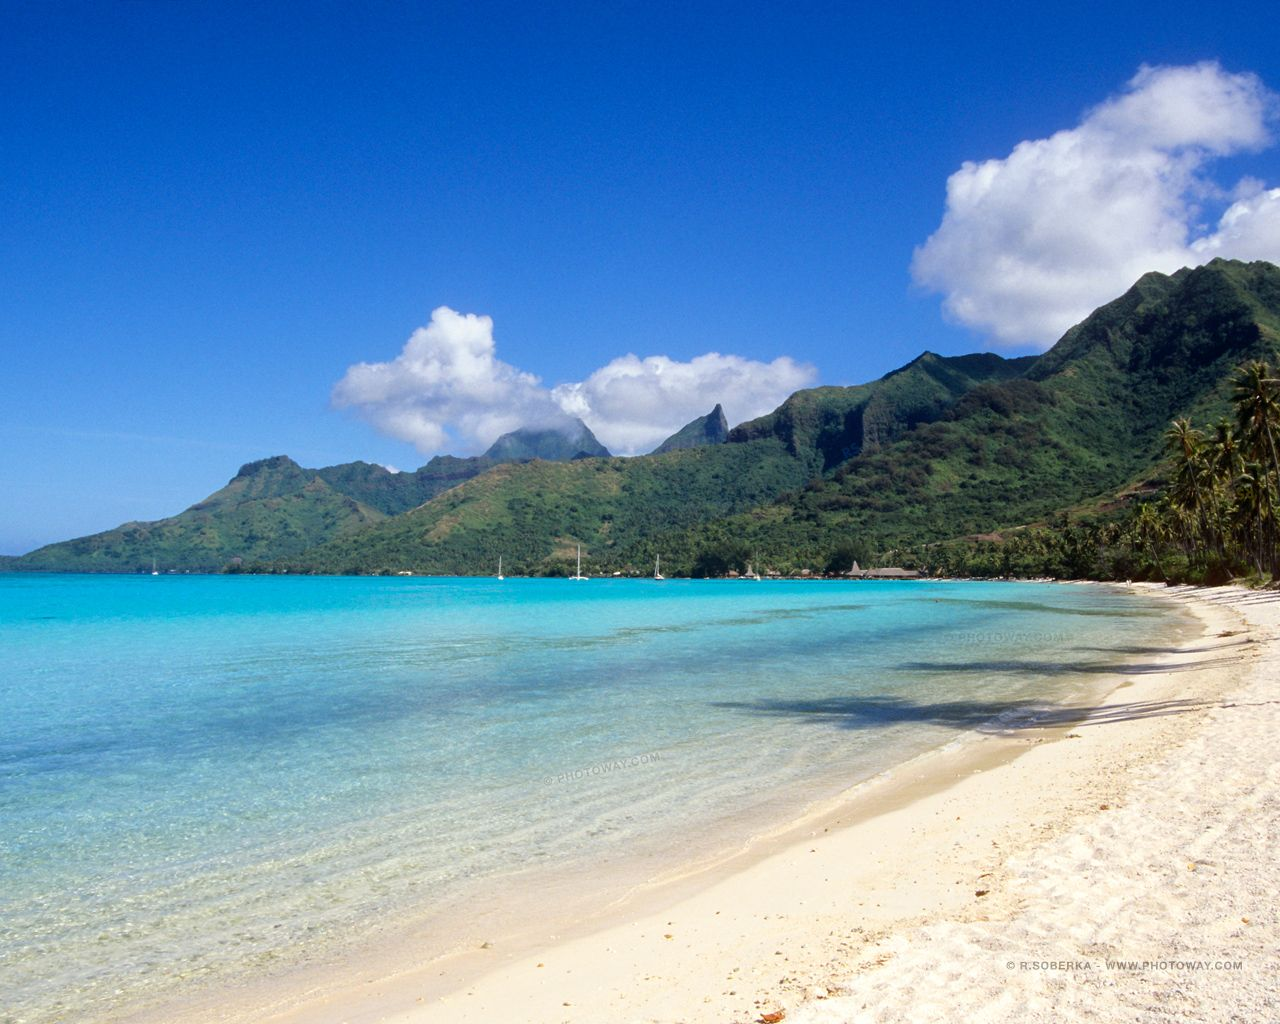 Images Fond Ecran 1280x1024 Autres Tailles De Fonds D Ecran Pour Moniteurs Plus Anciens Plage De Tahiti Image Plage Plage